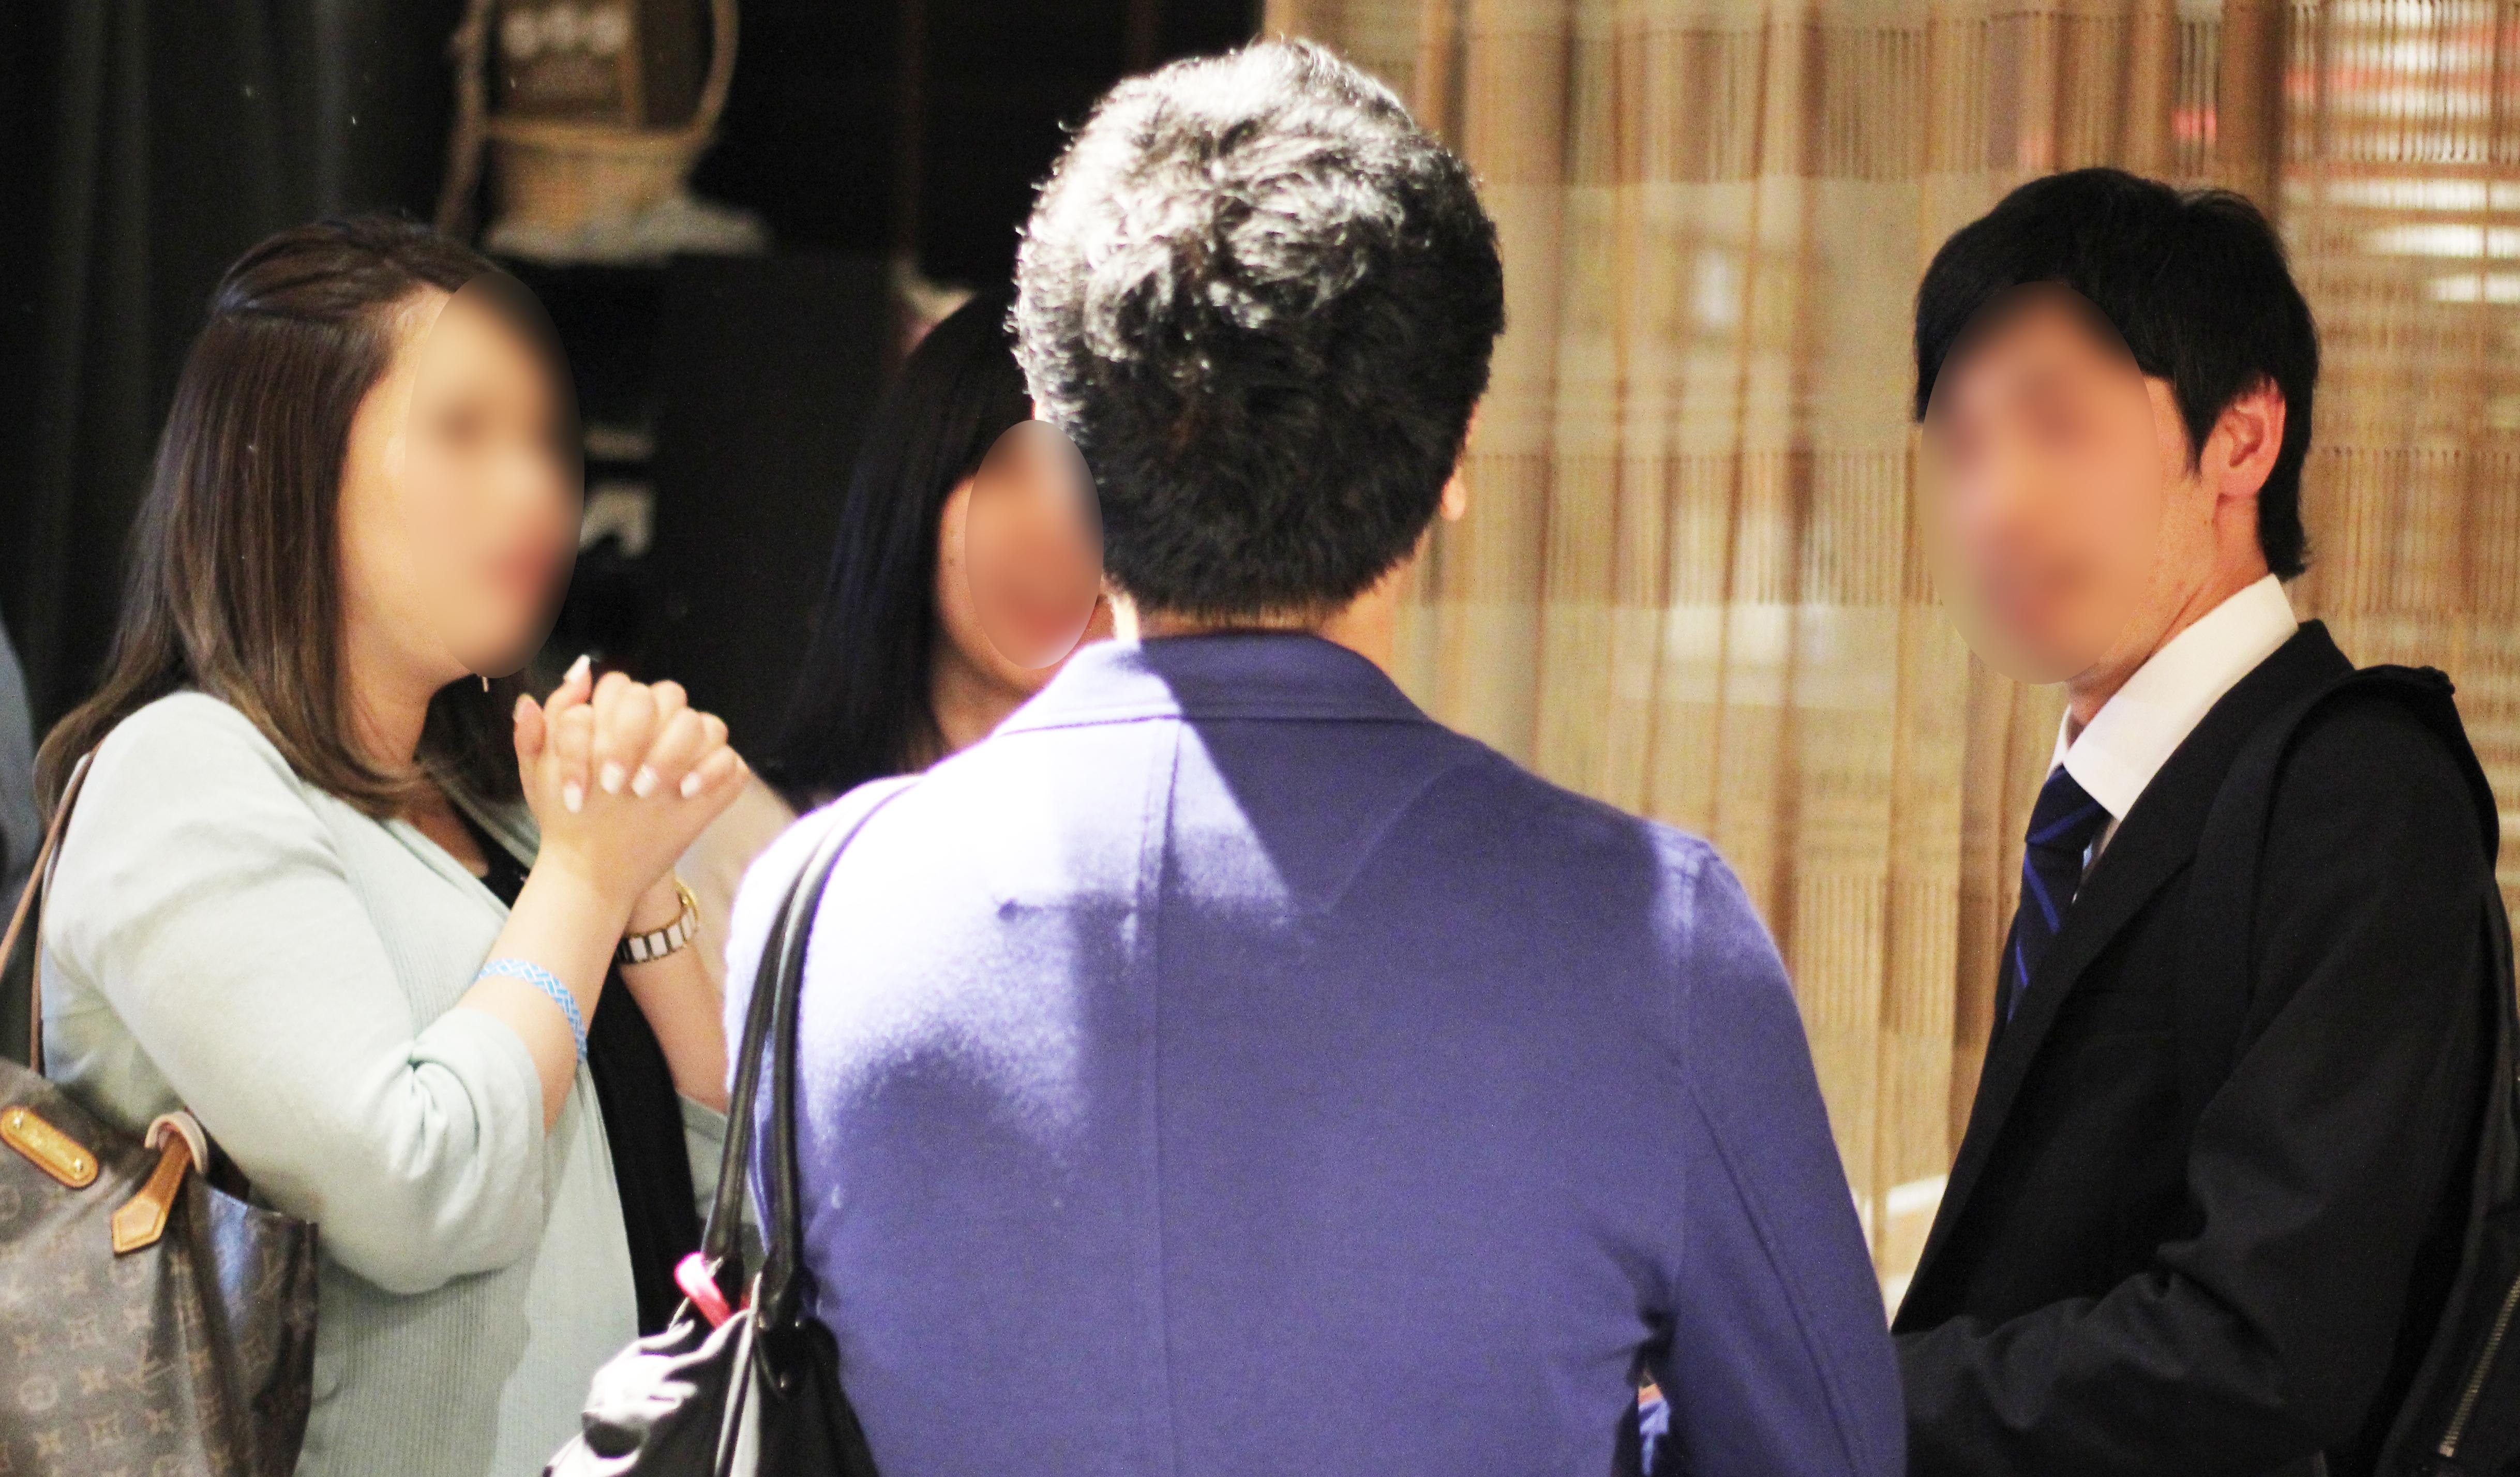 【京都】『HIKARI』にて婚活パーティー★ 1店舗型街コンで恋も気温もヒートアップ↑↑ サブ画像2